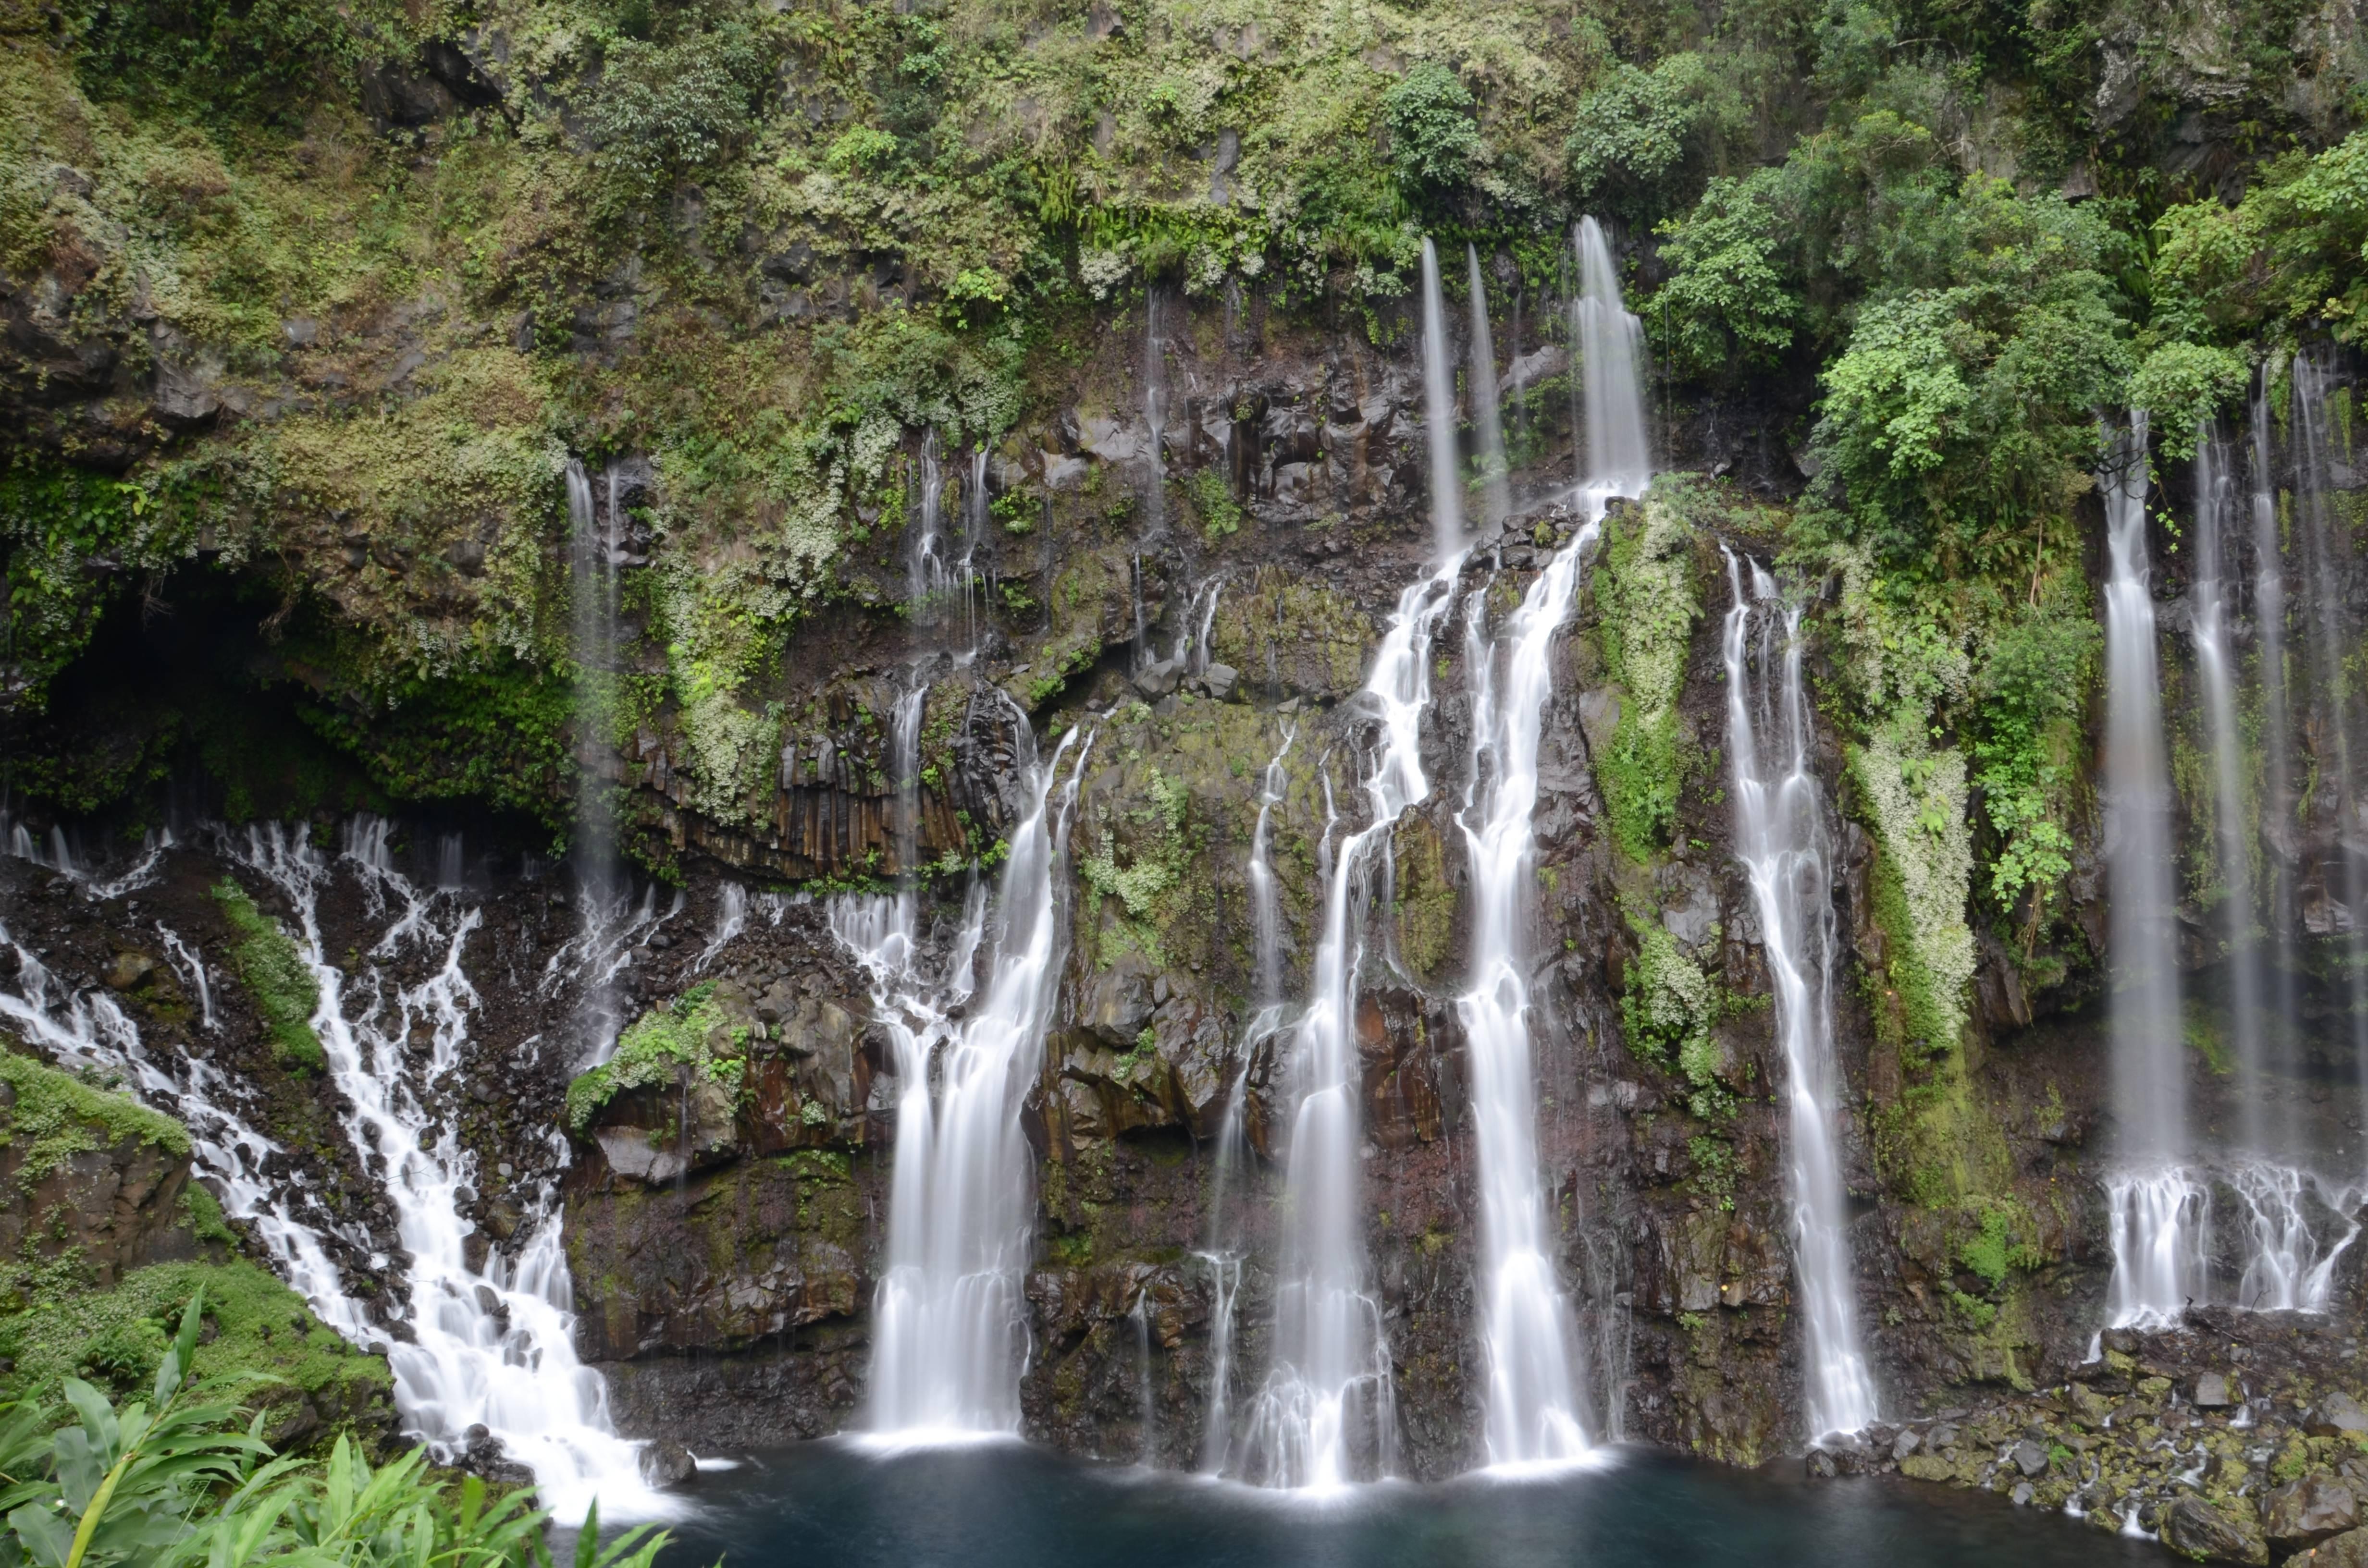 Photo 1: Se baigner dans une cascade !